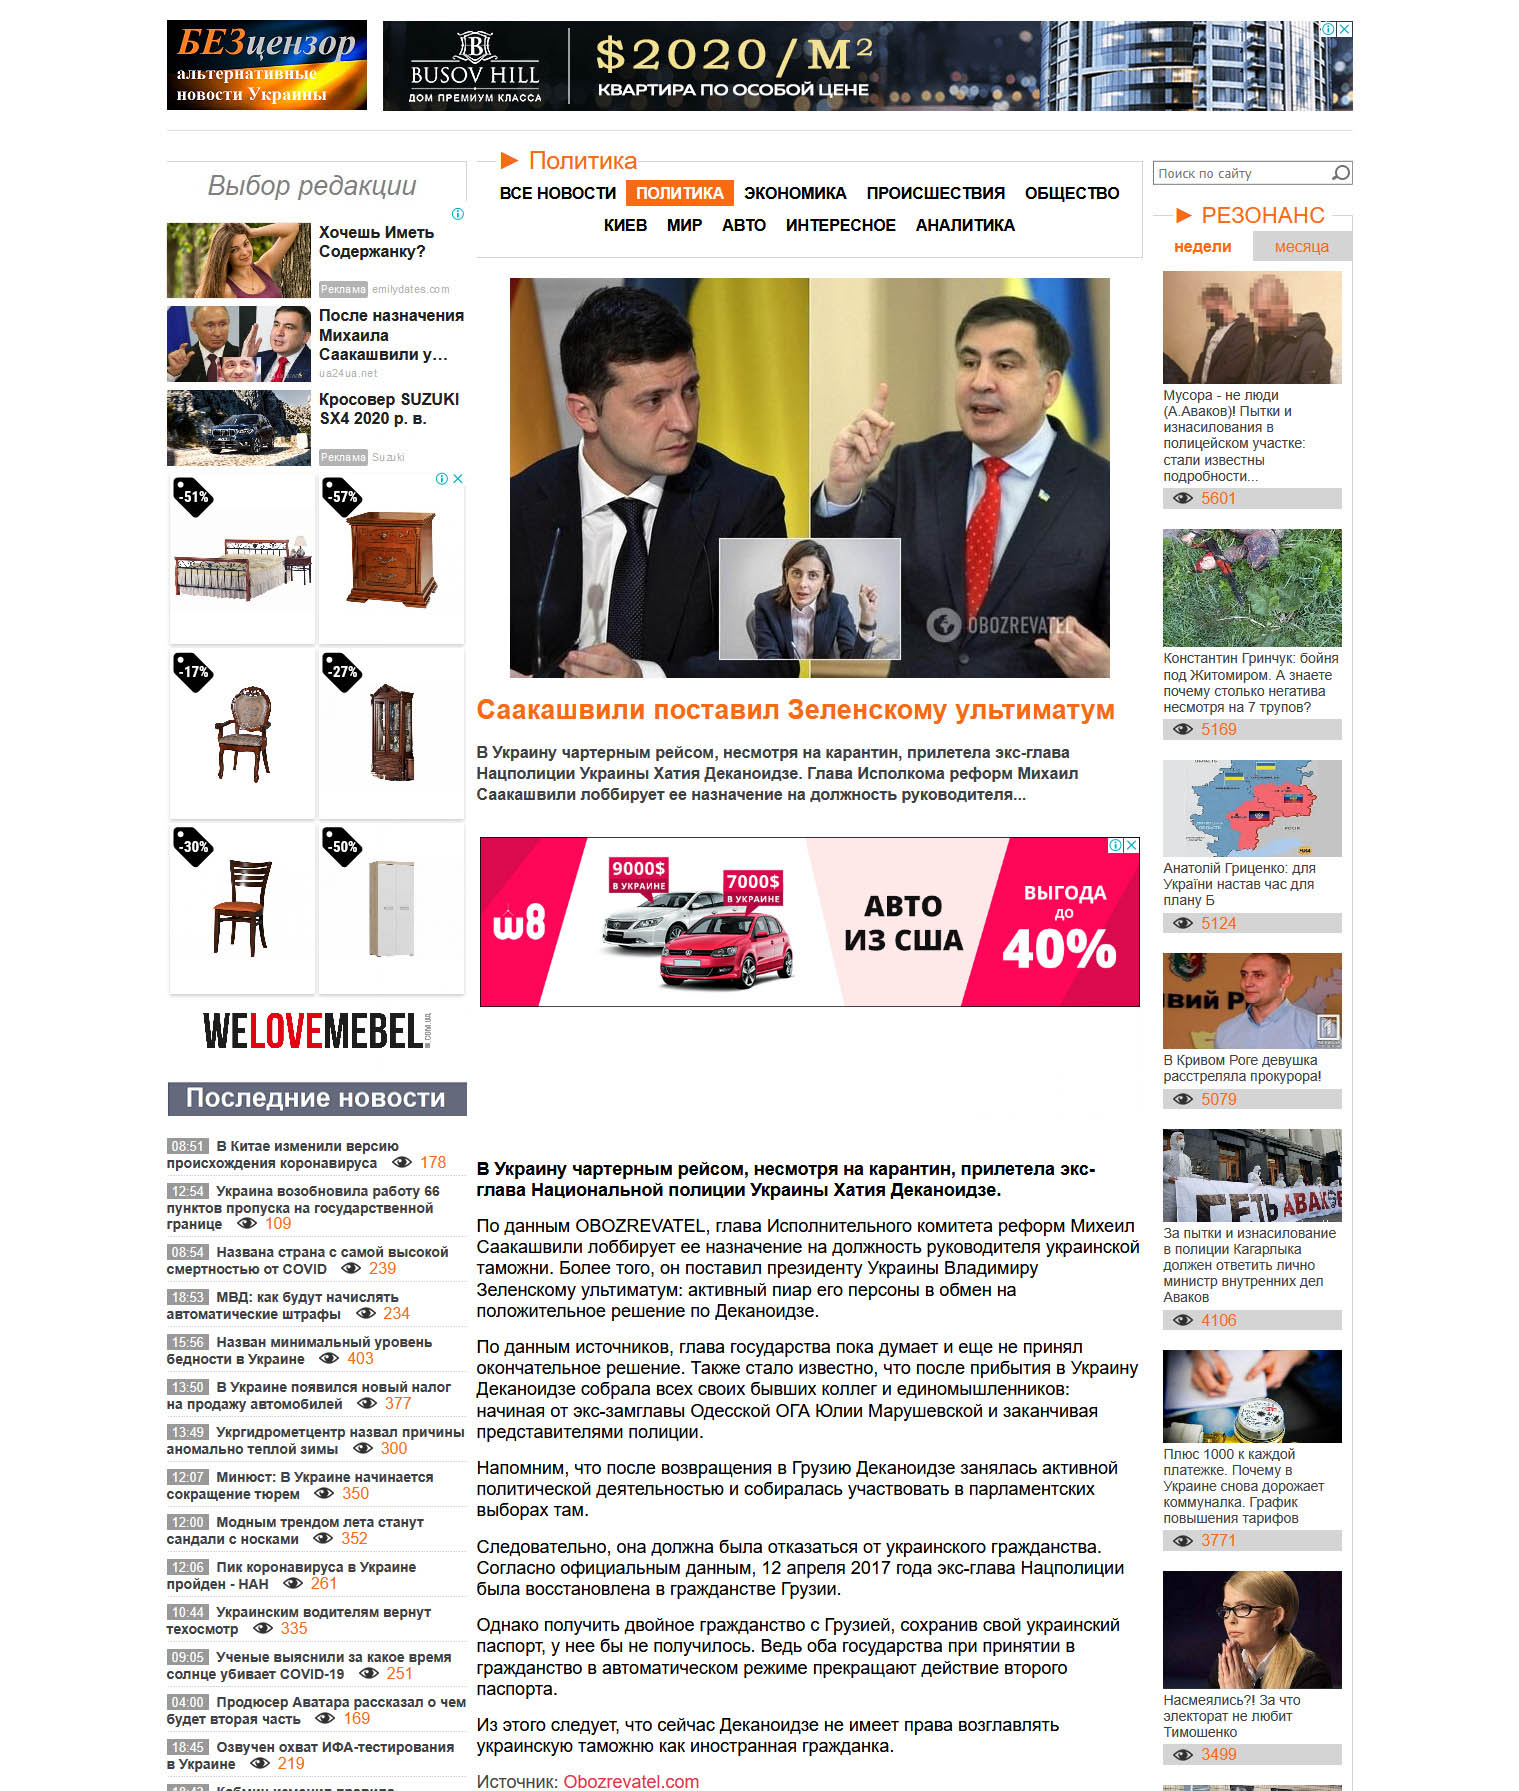 ua24ua - фейковий сайт